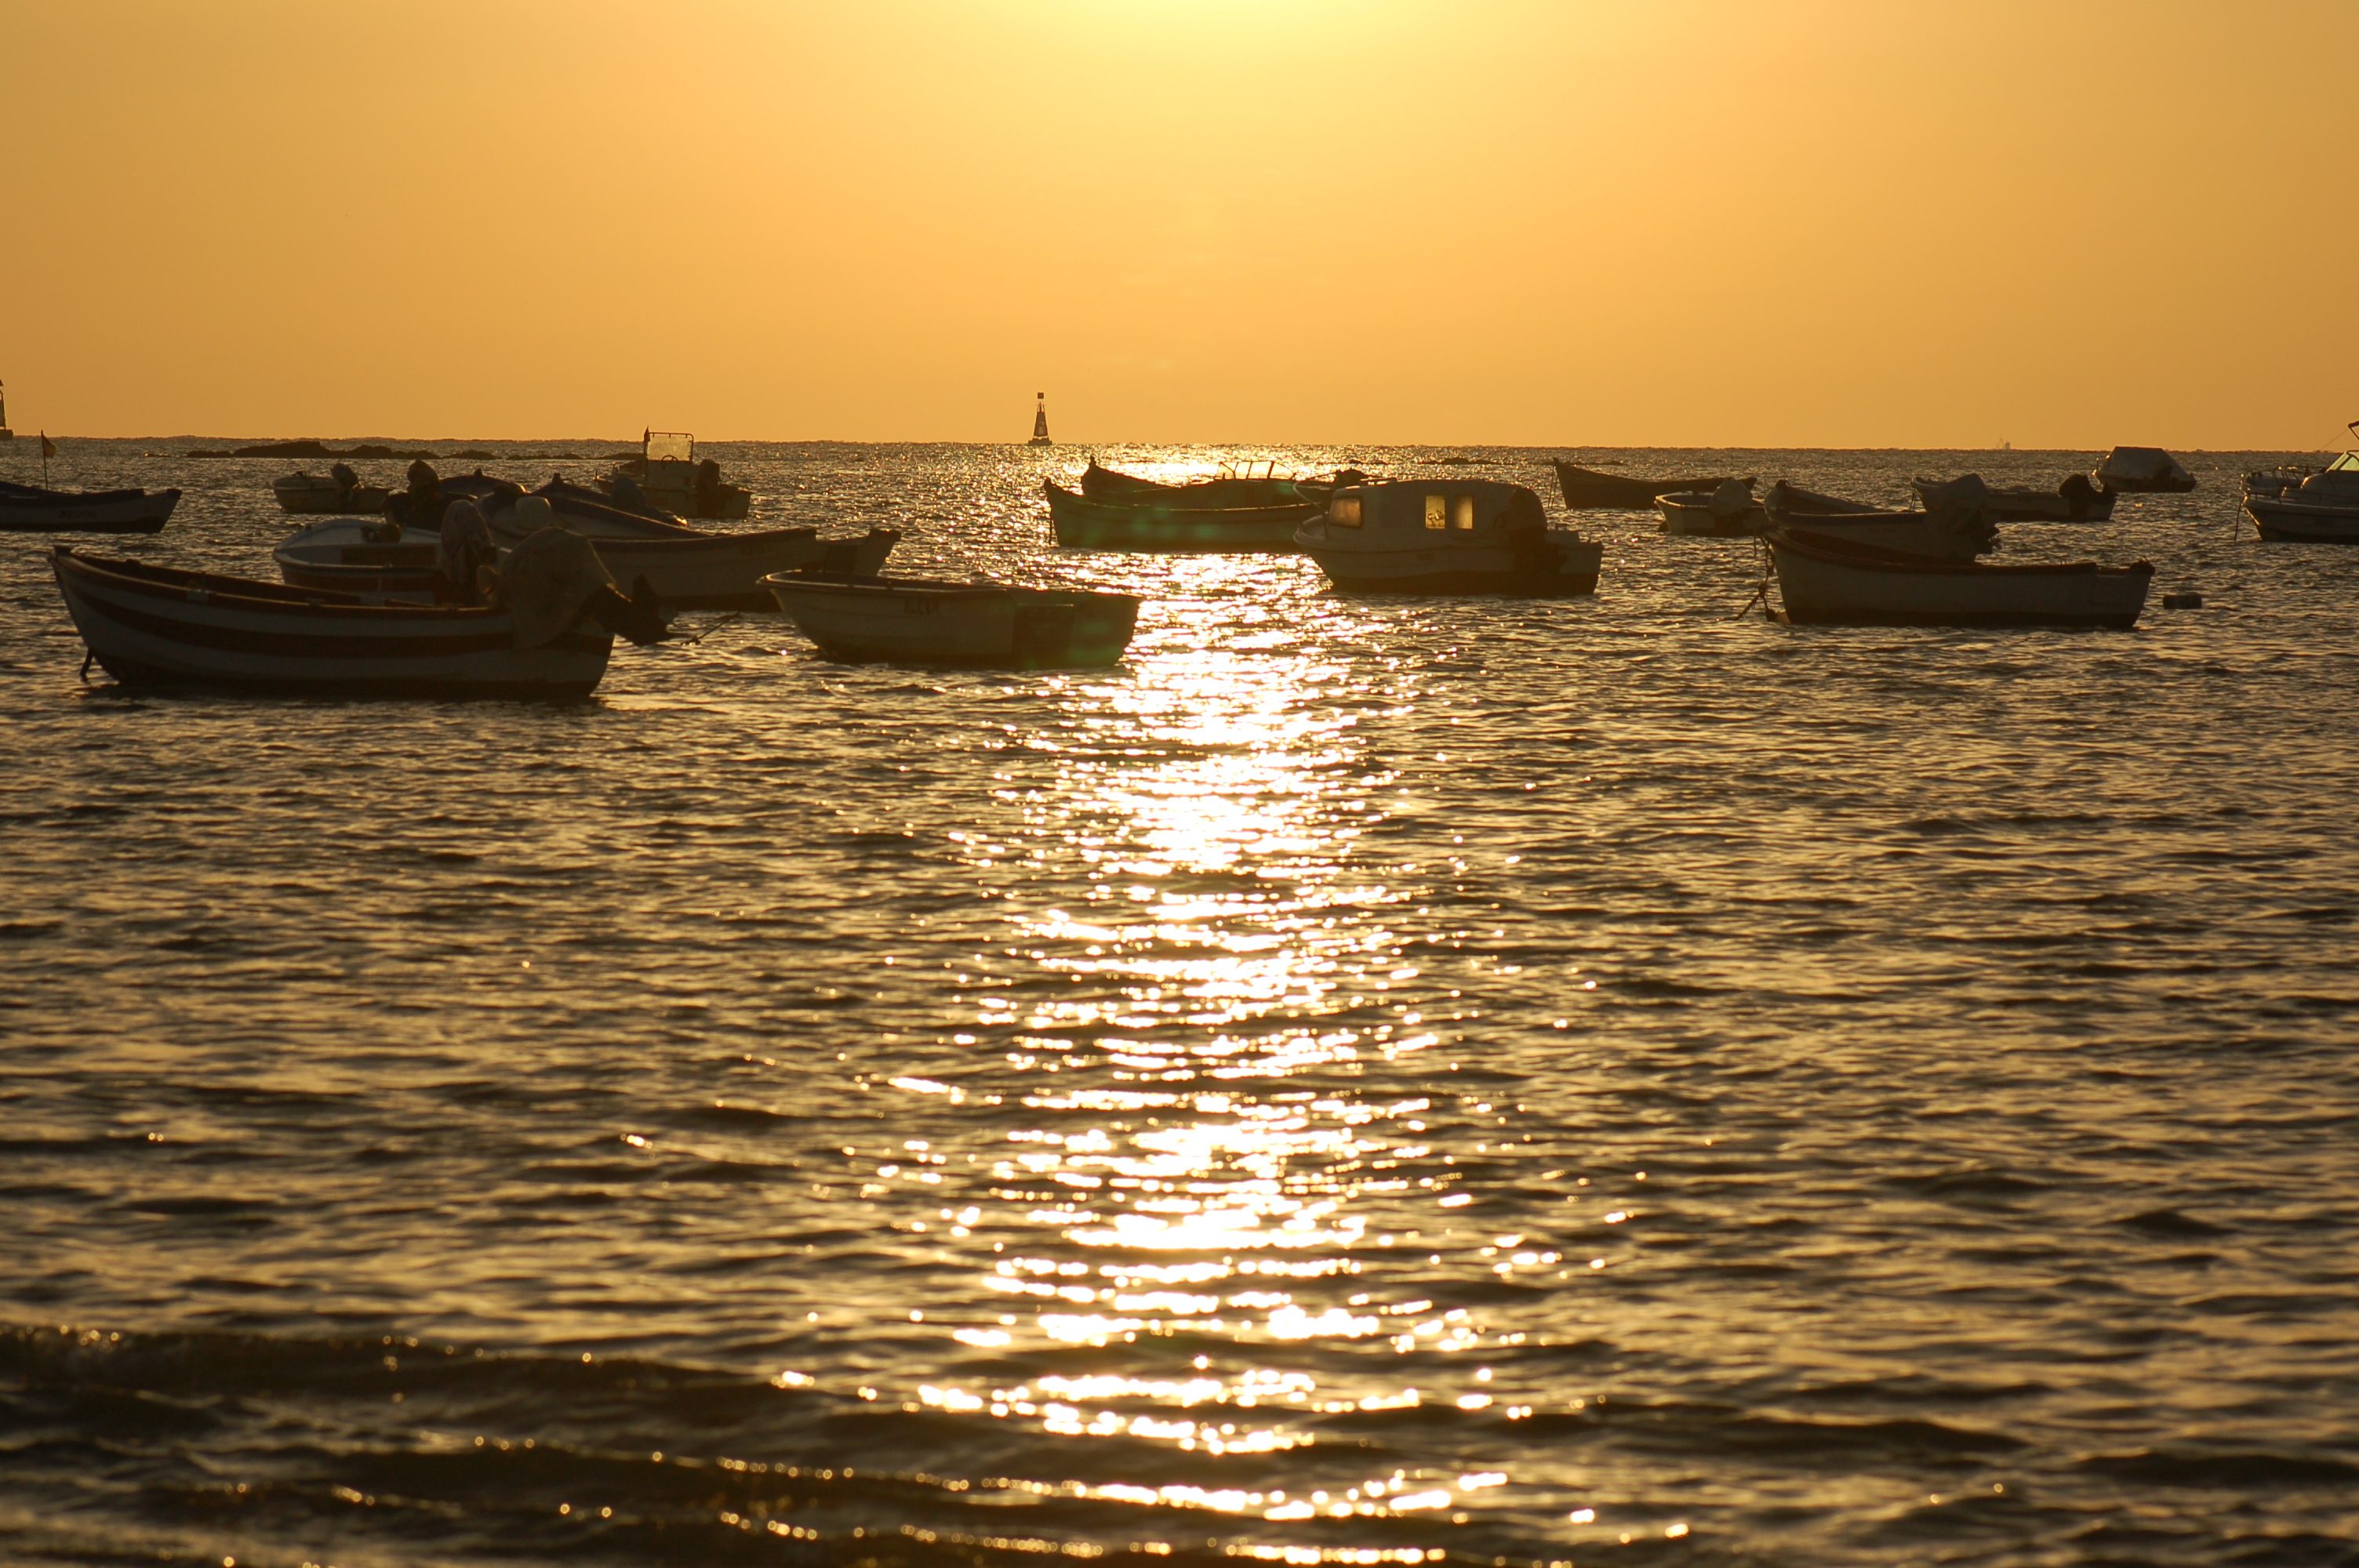 Foto playa La Calzada / El Hipódromo / Playa de Sanlúcar. Atardecer en Sanlúcar de Barrameda